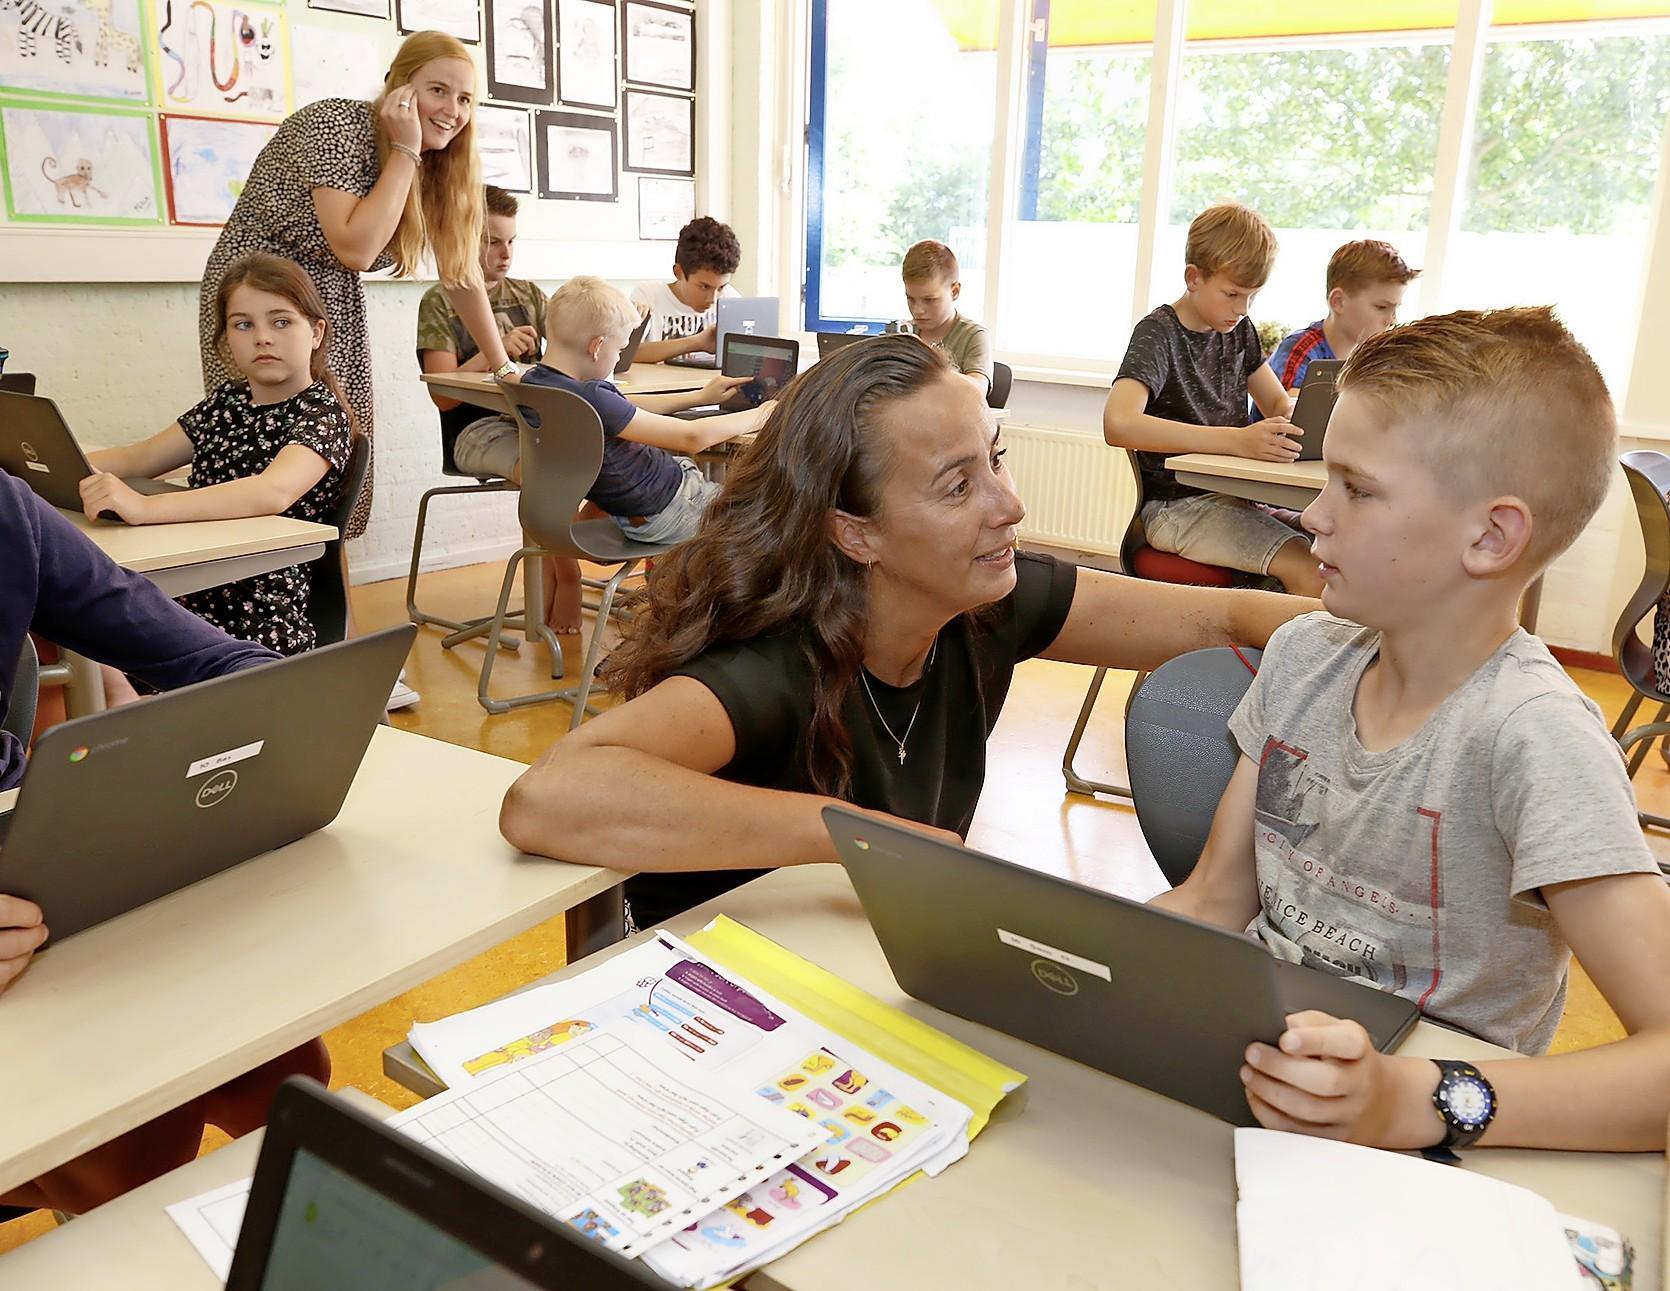 Lonneke Balder, schooldirecteur van De Regenboog in Stroet, baalt van verlengde sluiting. 'Ik had het liever anders gezien, maar ik wil niet mopperen'